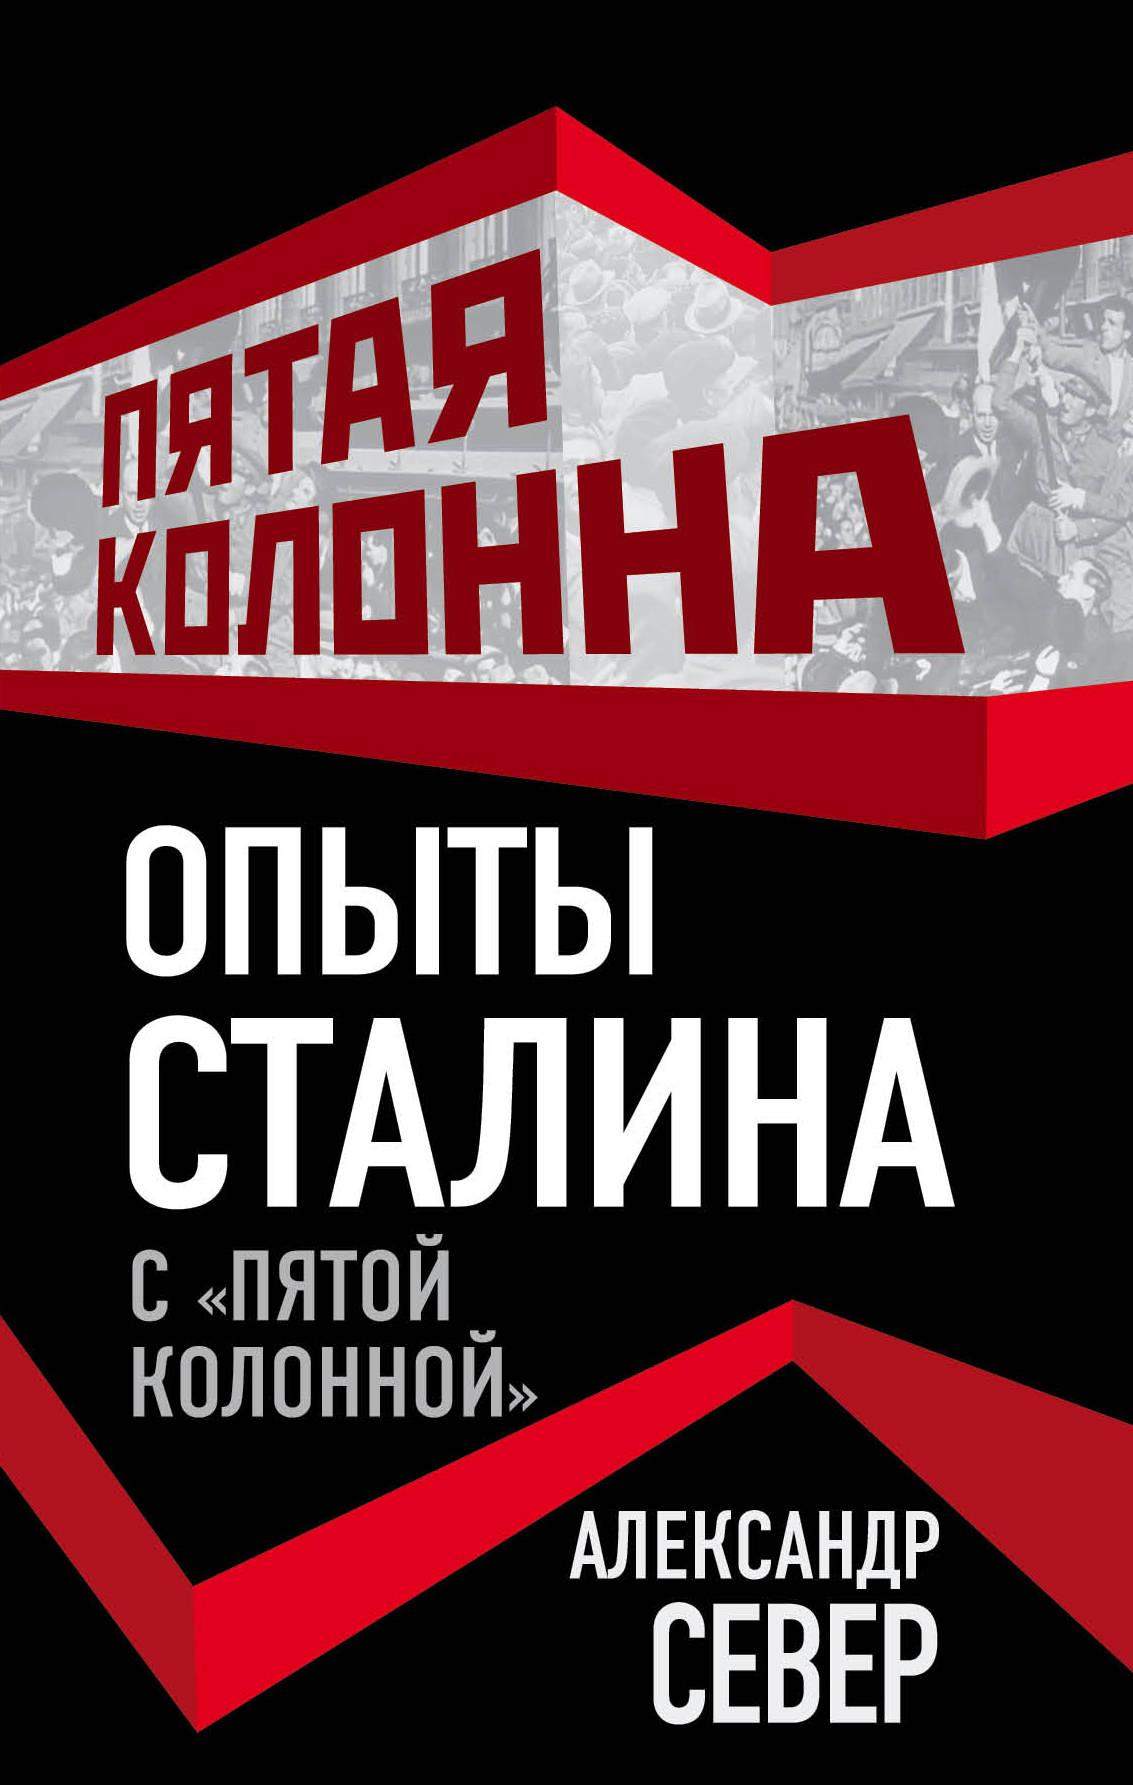 Север Александр Опыты Сталина с ?пятой колонной? александр север опыты сталина с пятой колонной